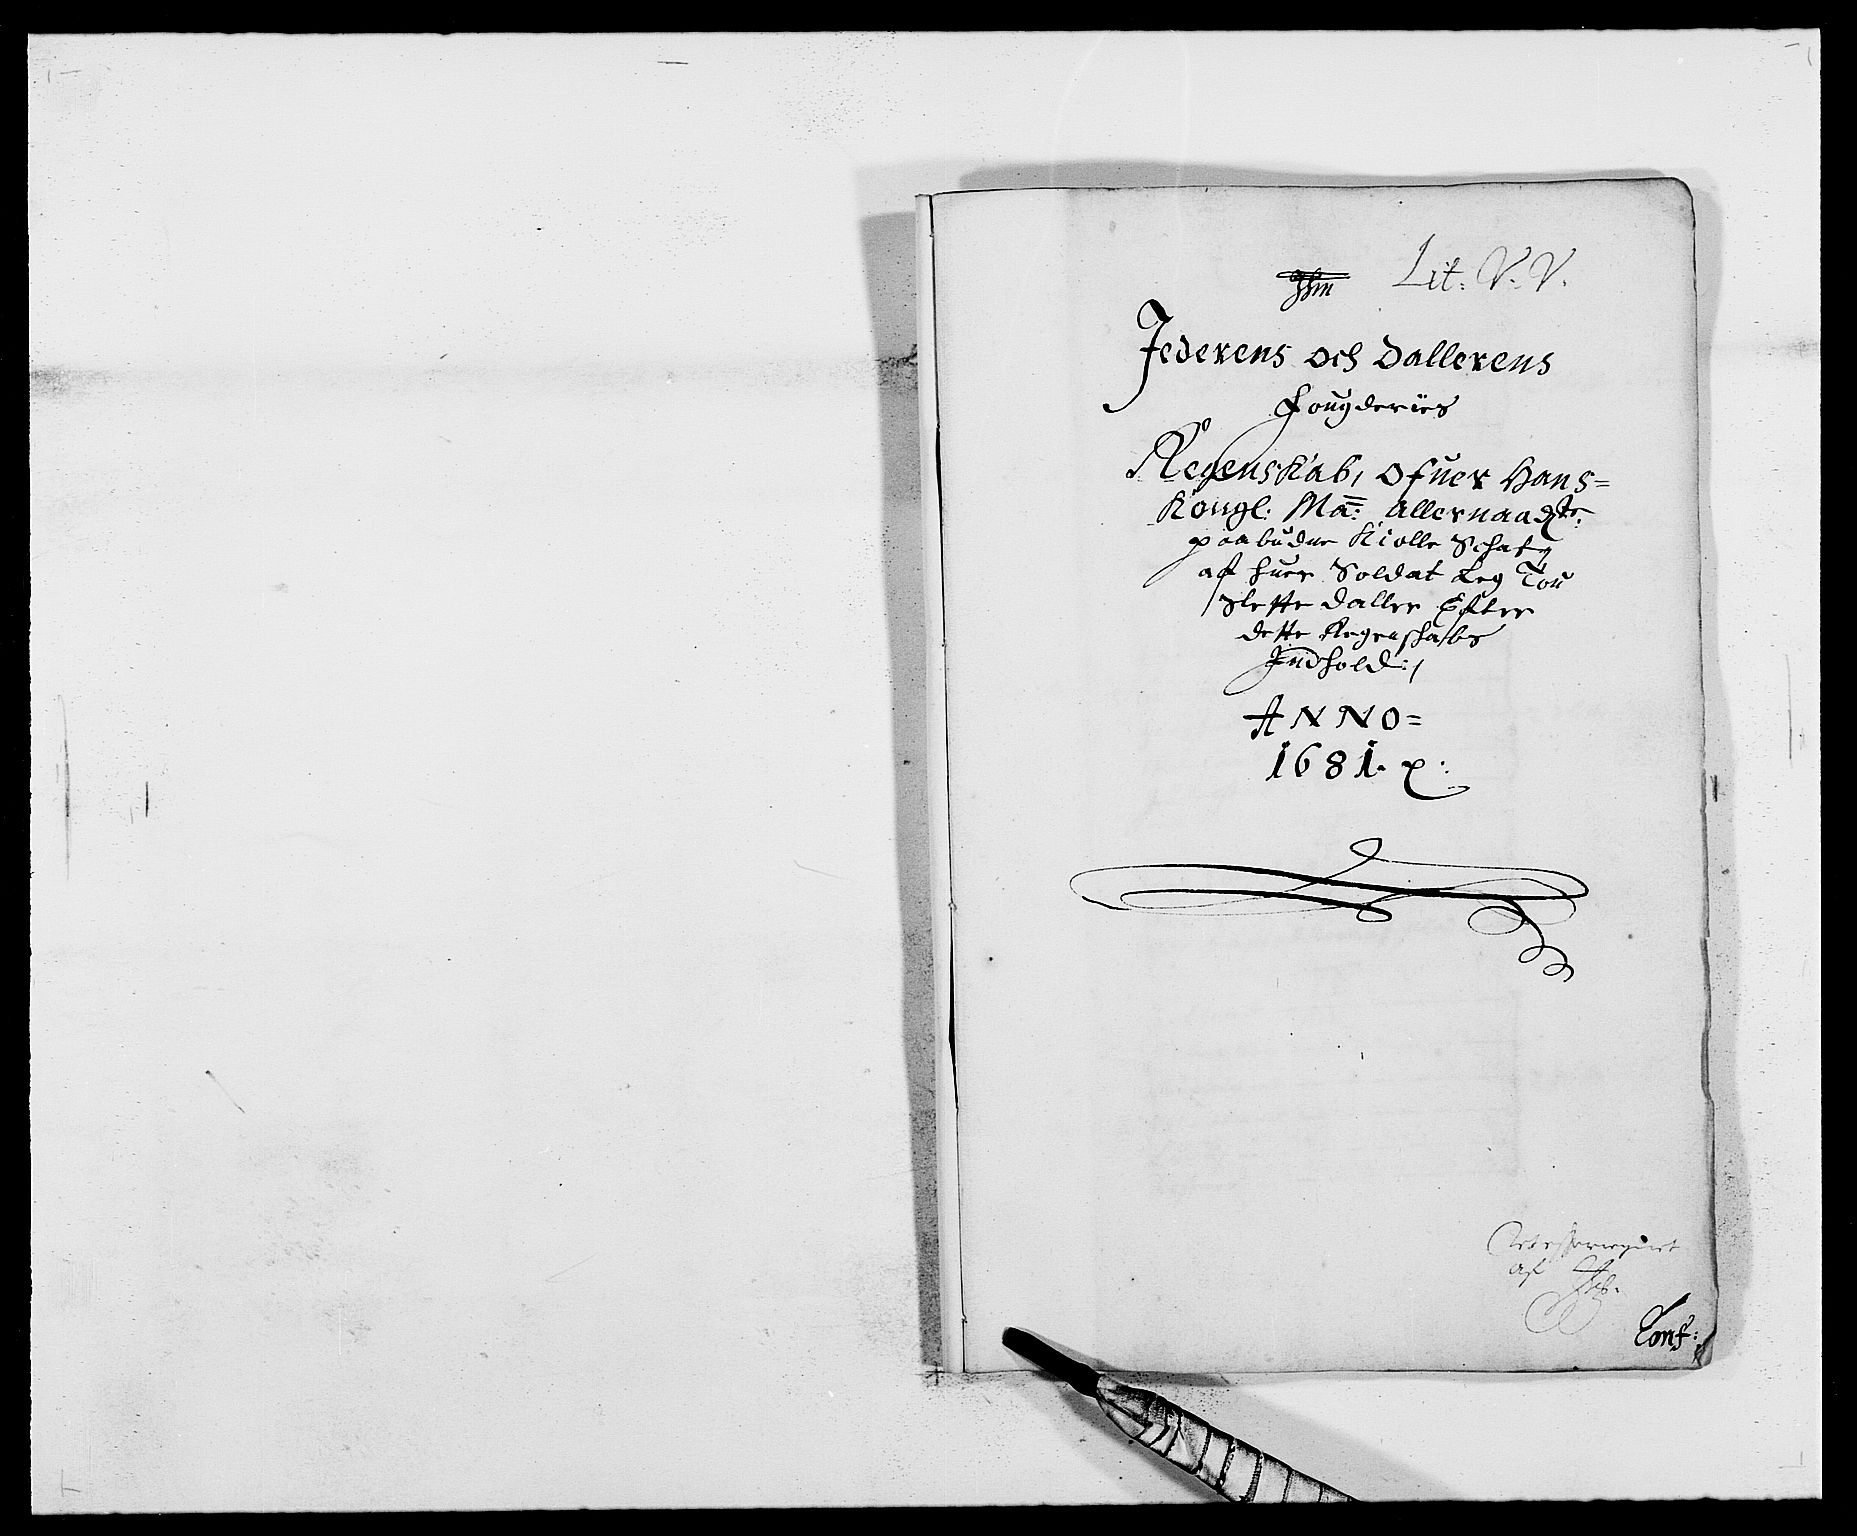 RA, Rentekammeret inntil 1814, Reviderte regnskaper, Fogderegnskap, R46/L2722: Fogderegnskap Jæren og Dalane, 1681, s. 108